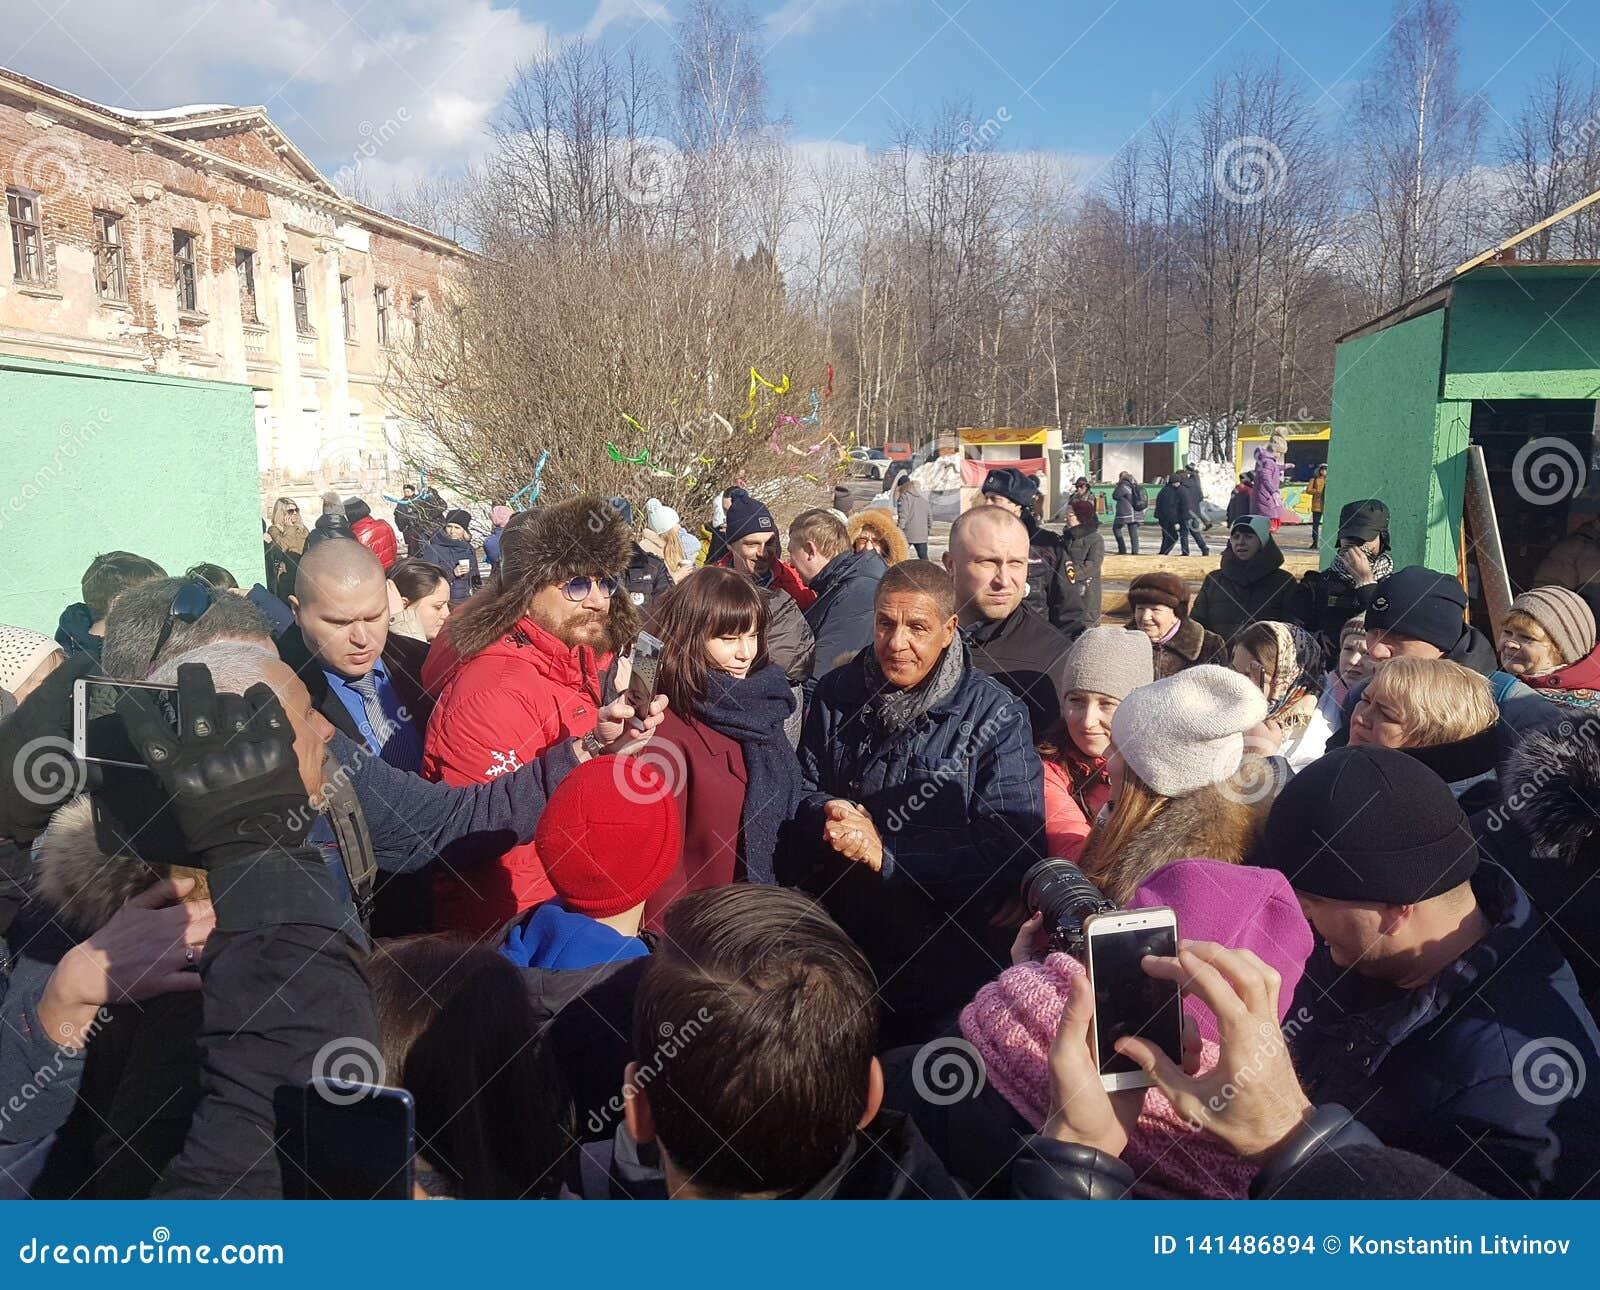 莫斯科地区,弗里亚济诺,Grebnevo庄园09 03 2009年:Samy Naceri法国参观庄园的出租汽车影片的星和演员